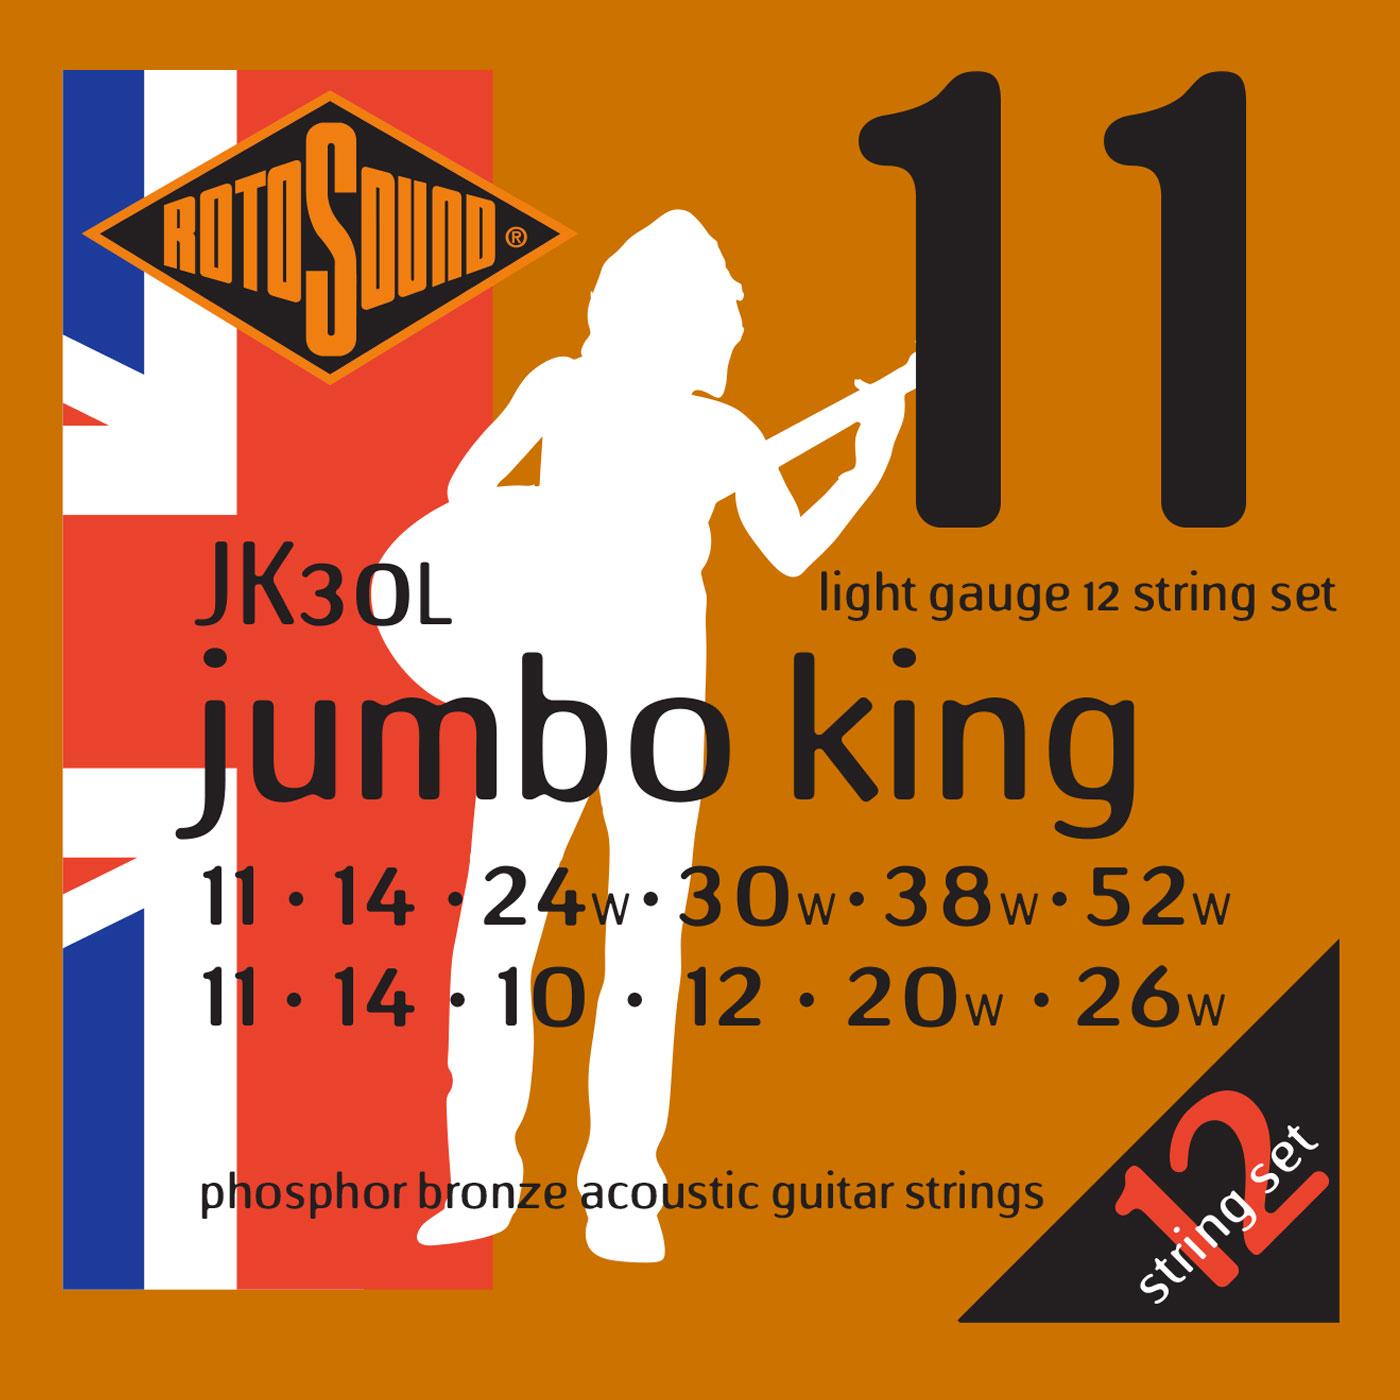 CORDES - CORDES GUITARES ACOUSTIQUES - 12 CORDES - ROTOSOUND - ROTJK30L - Royez Musik